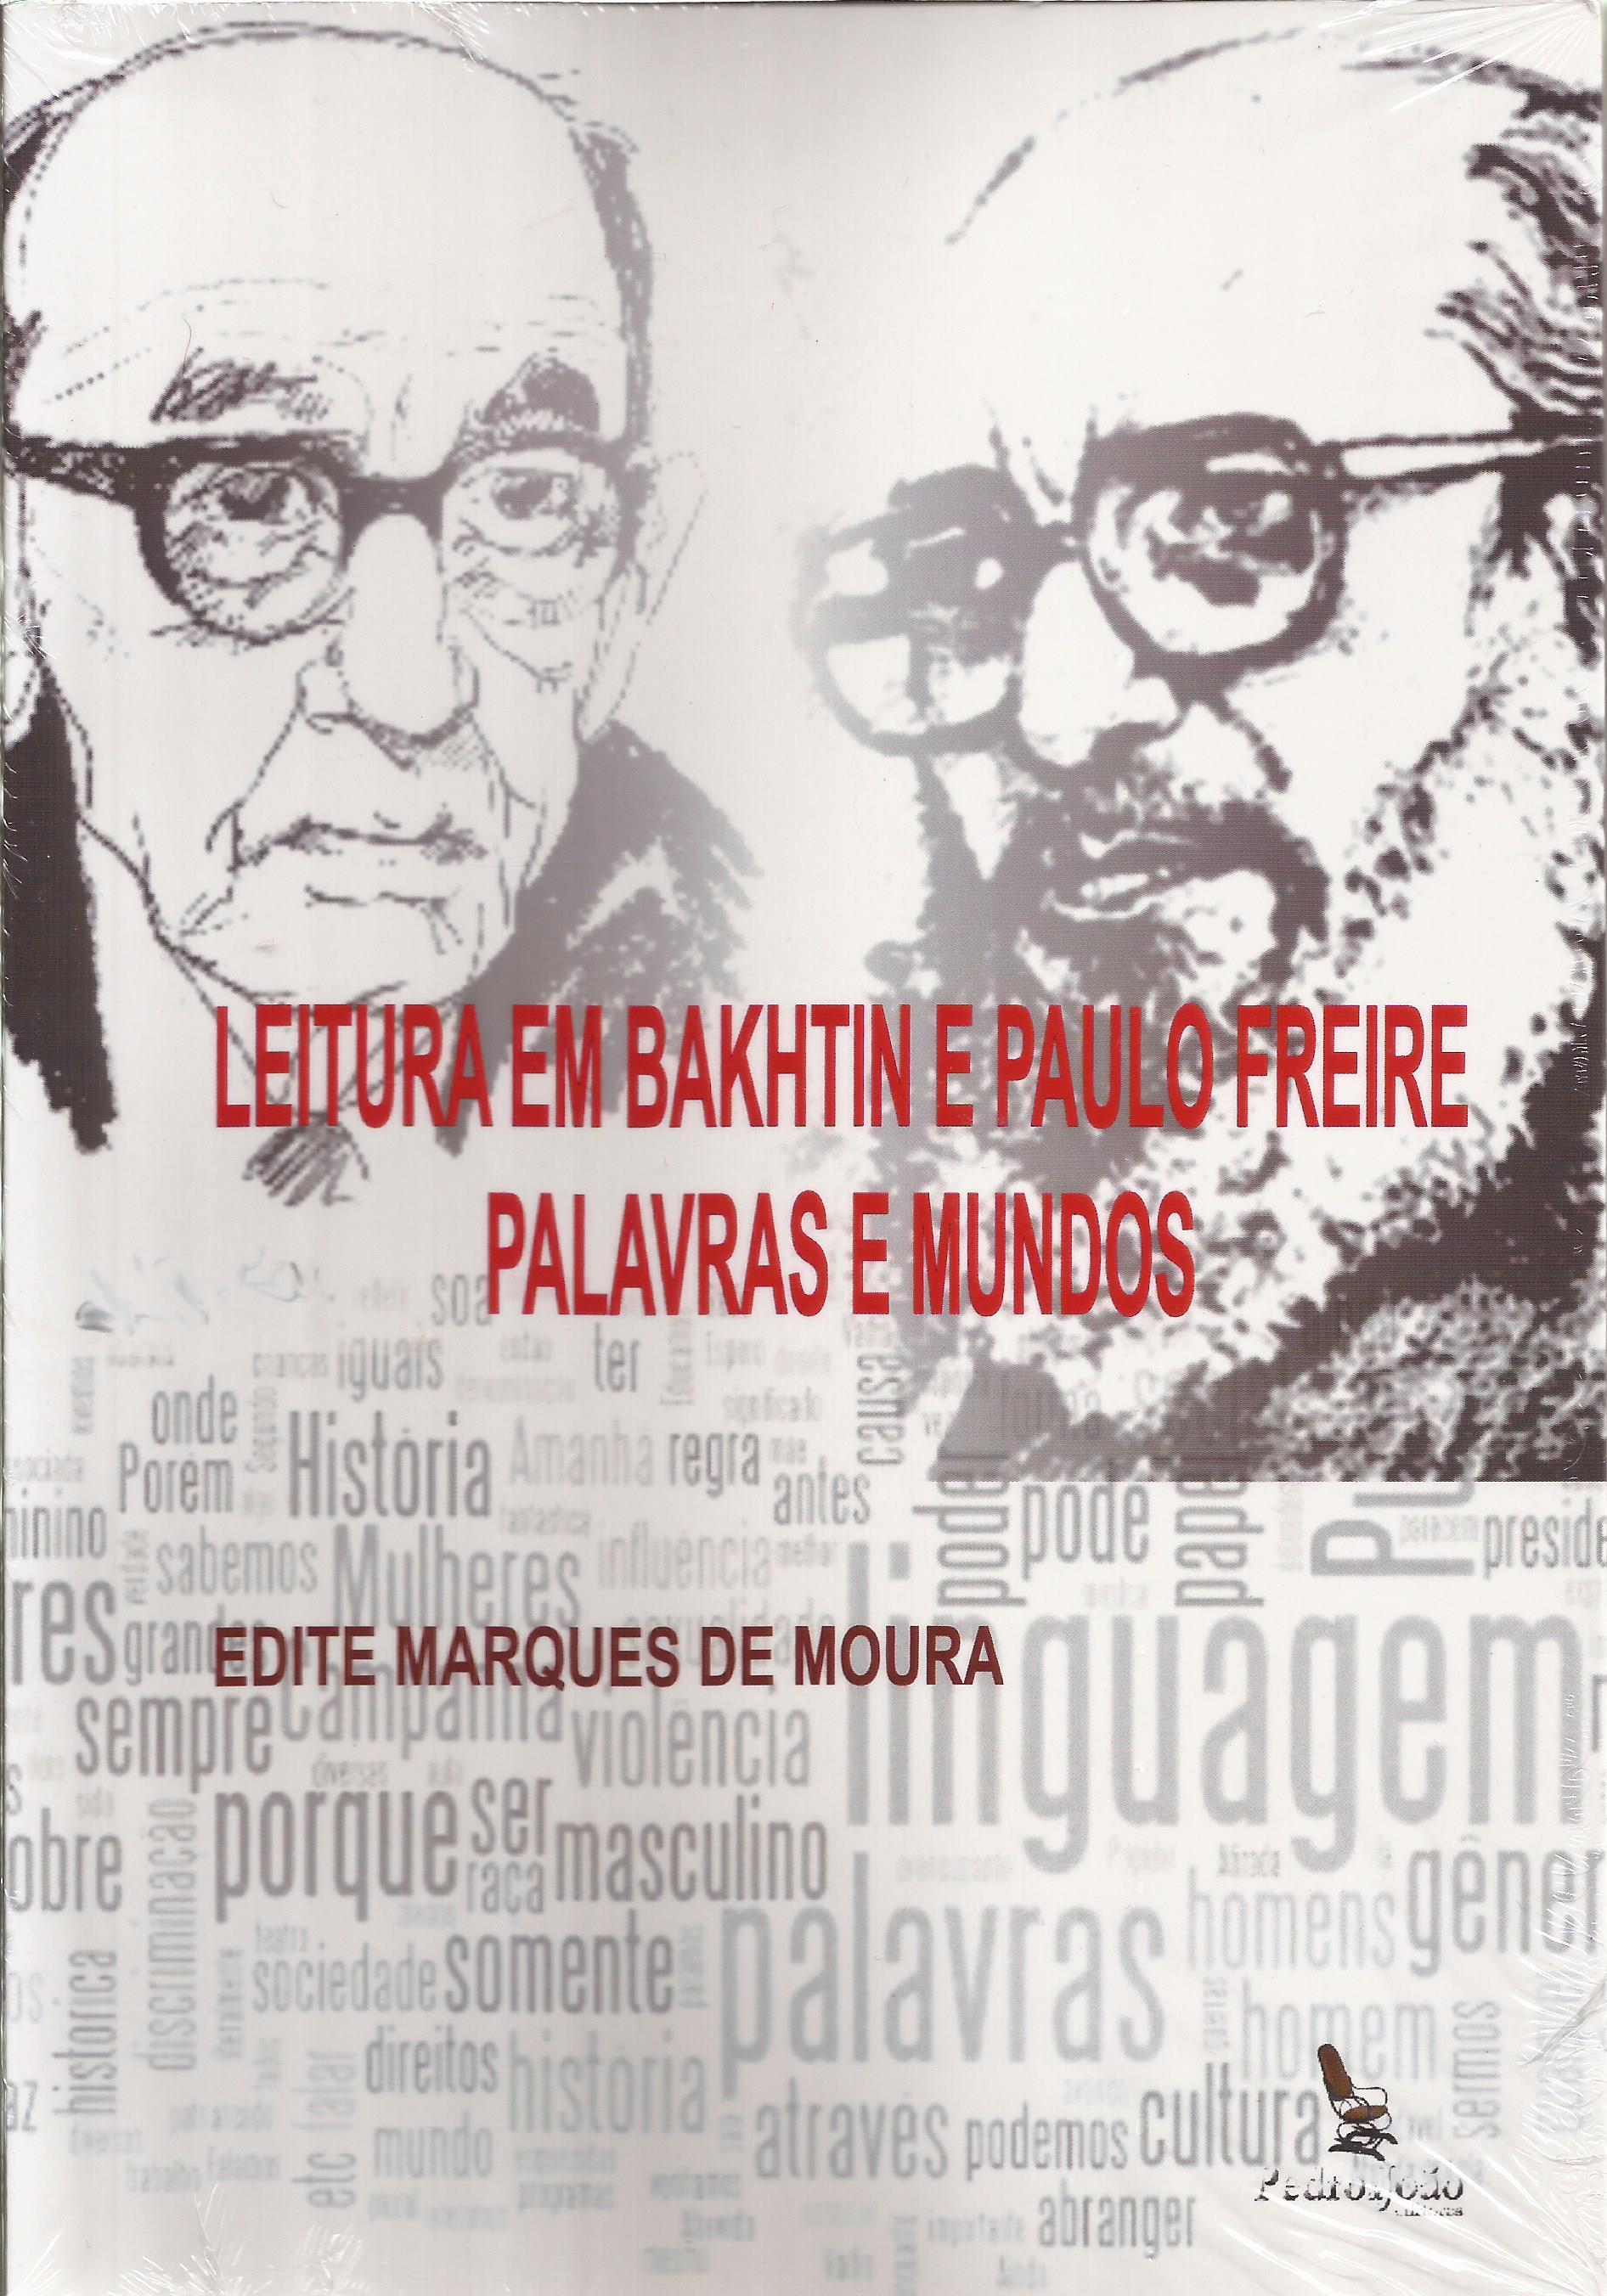 Leitura em Bakhtin e Paulo Freire – palavras e mundos